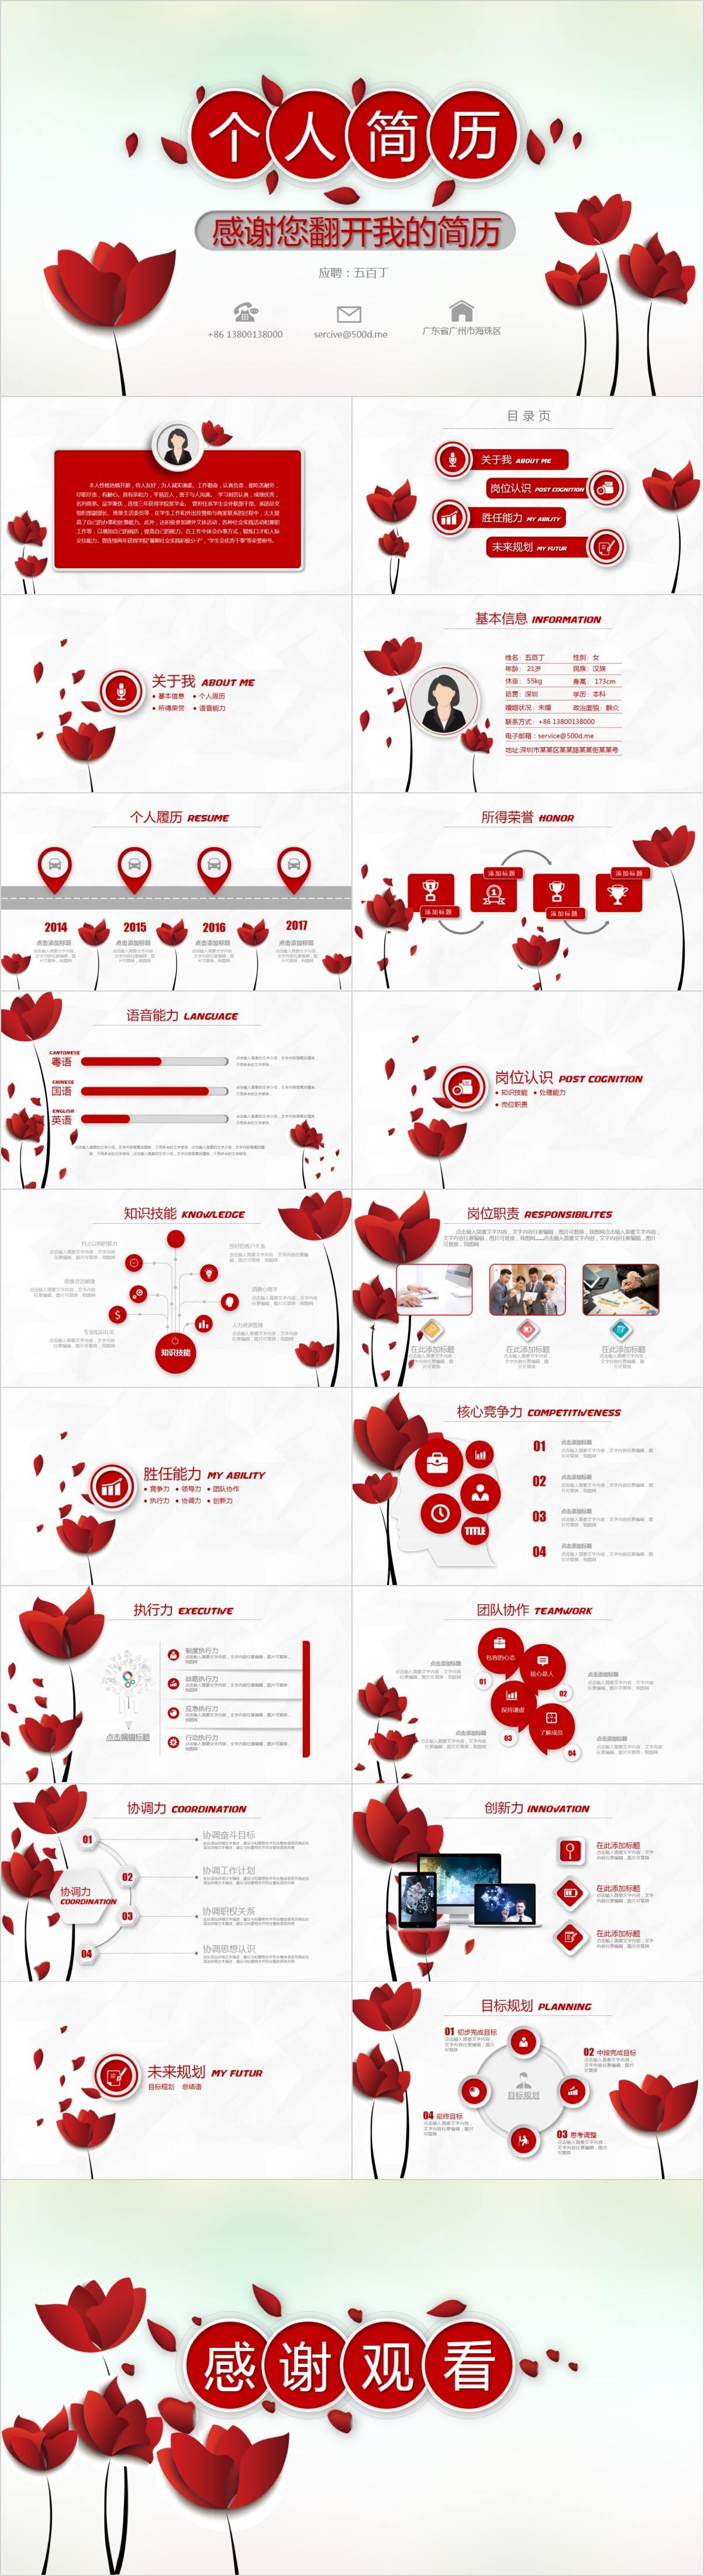 玫瑰红 绚丽个人求职简历